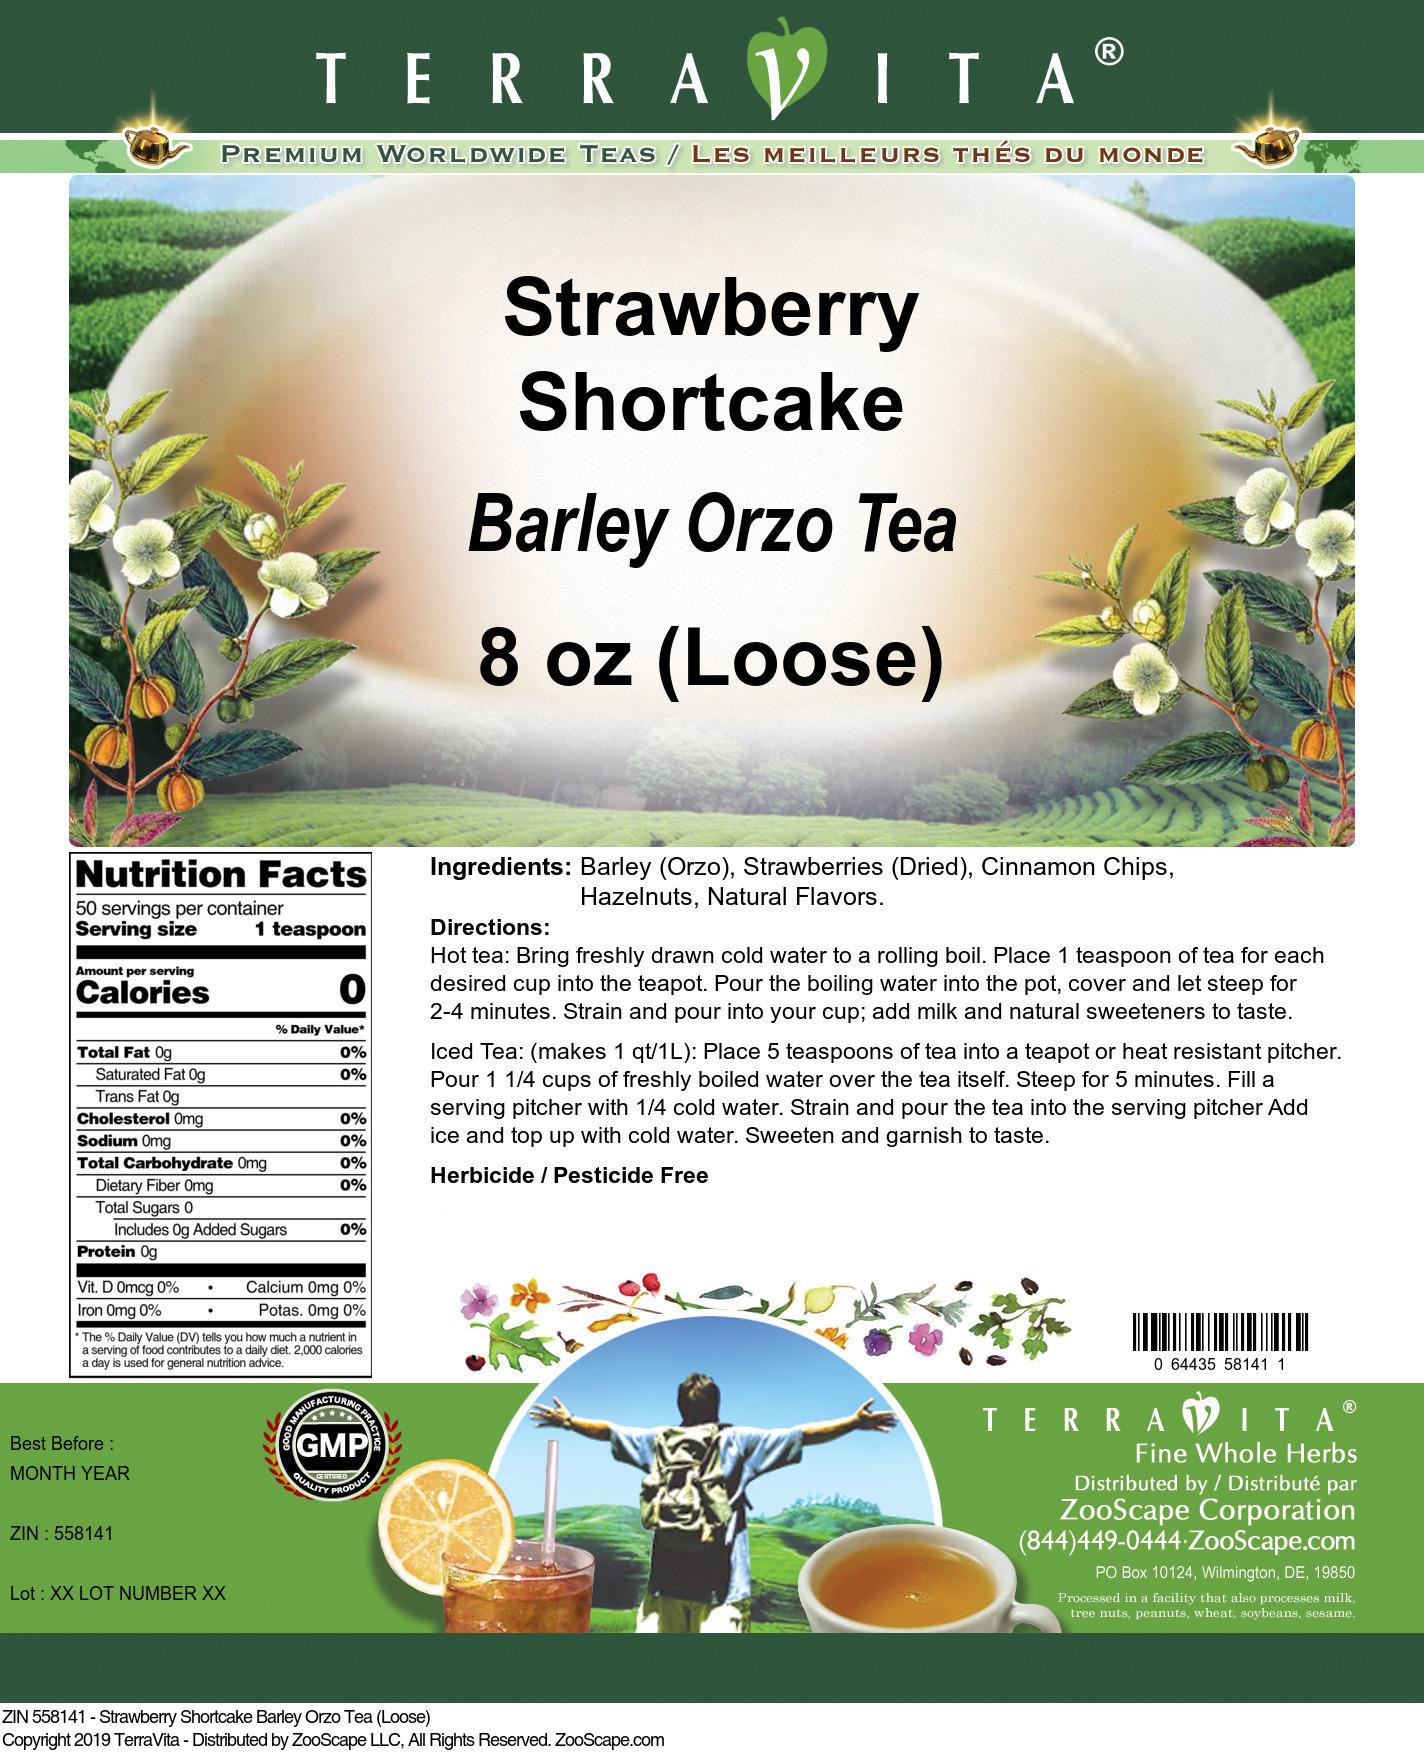 Strawberry Shortcake Barley Orzo Tea (Loose)